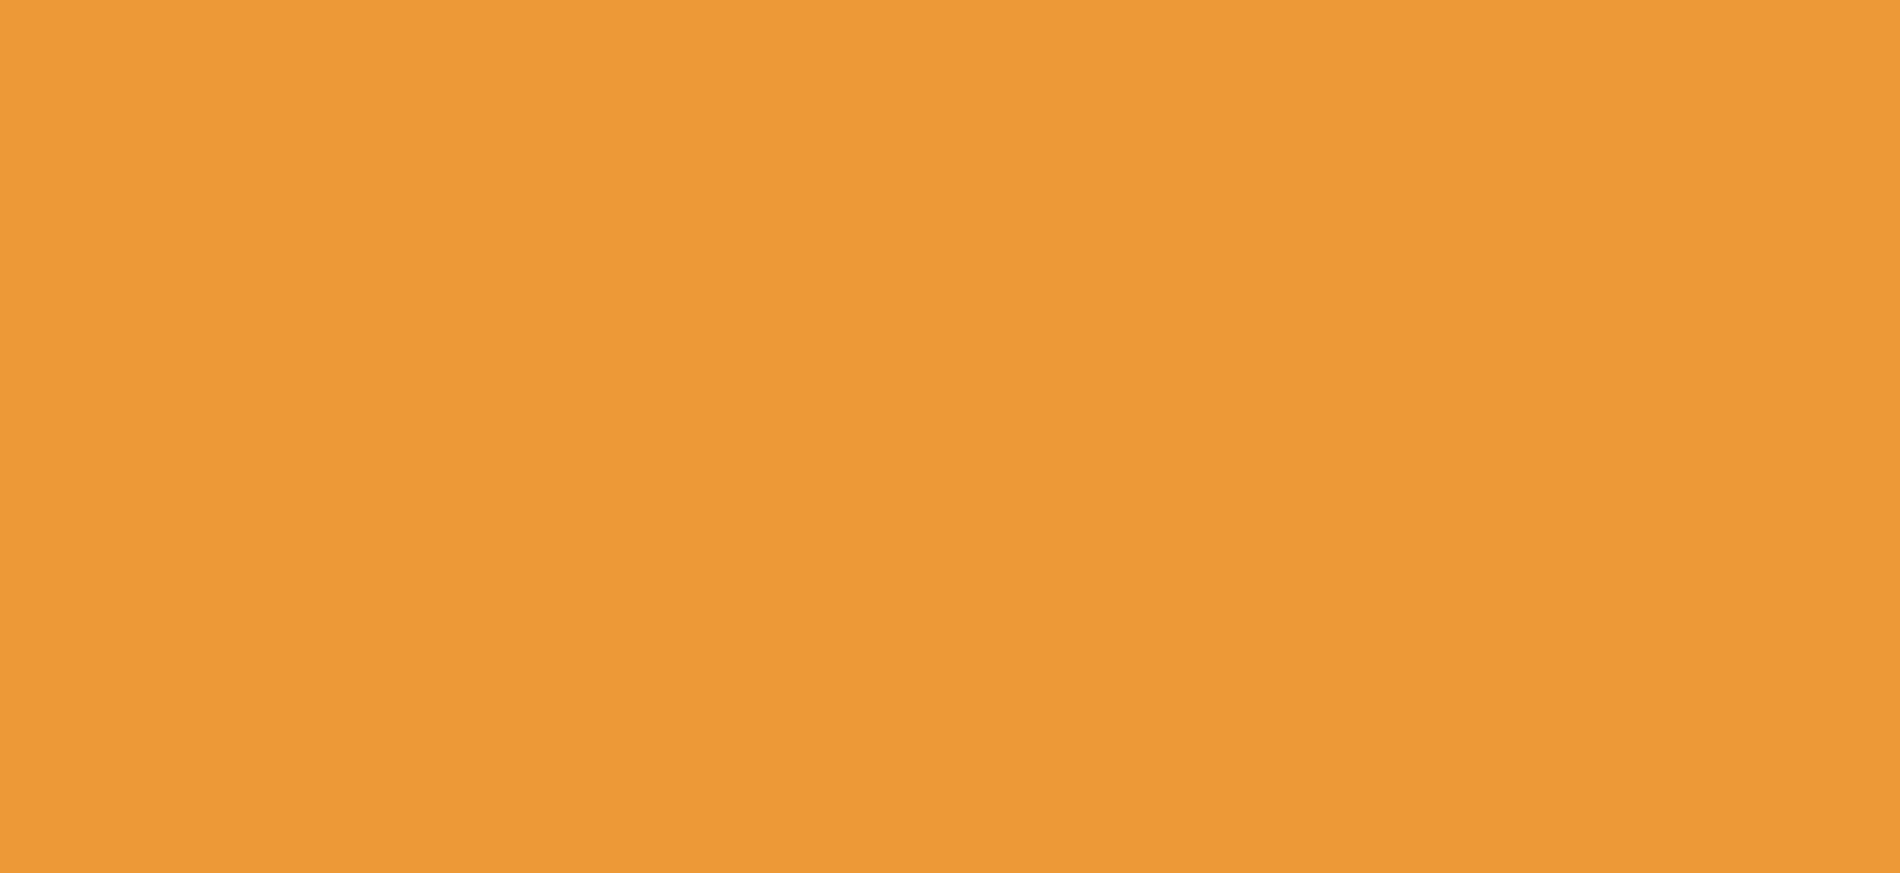 Merveilleux Les Couleurs Complémentaires Sont Les Couleurs Diamétralement Opposées Dans  Le Cercle Chromatique. Ces Teintes Contrastées Sont Harmonieuses Et Leur  Mélange ...